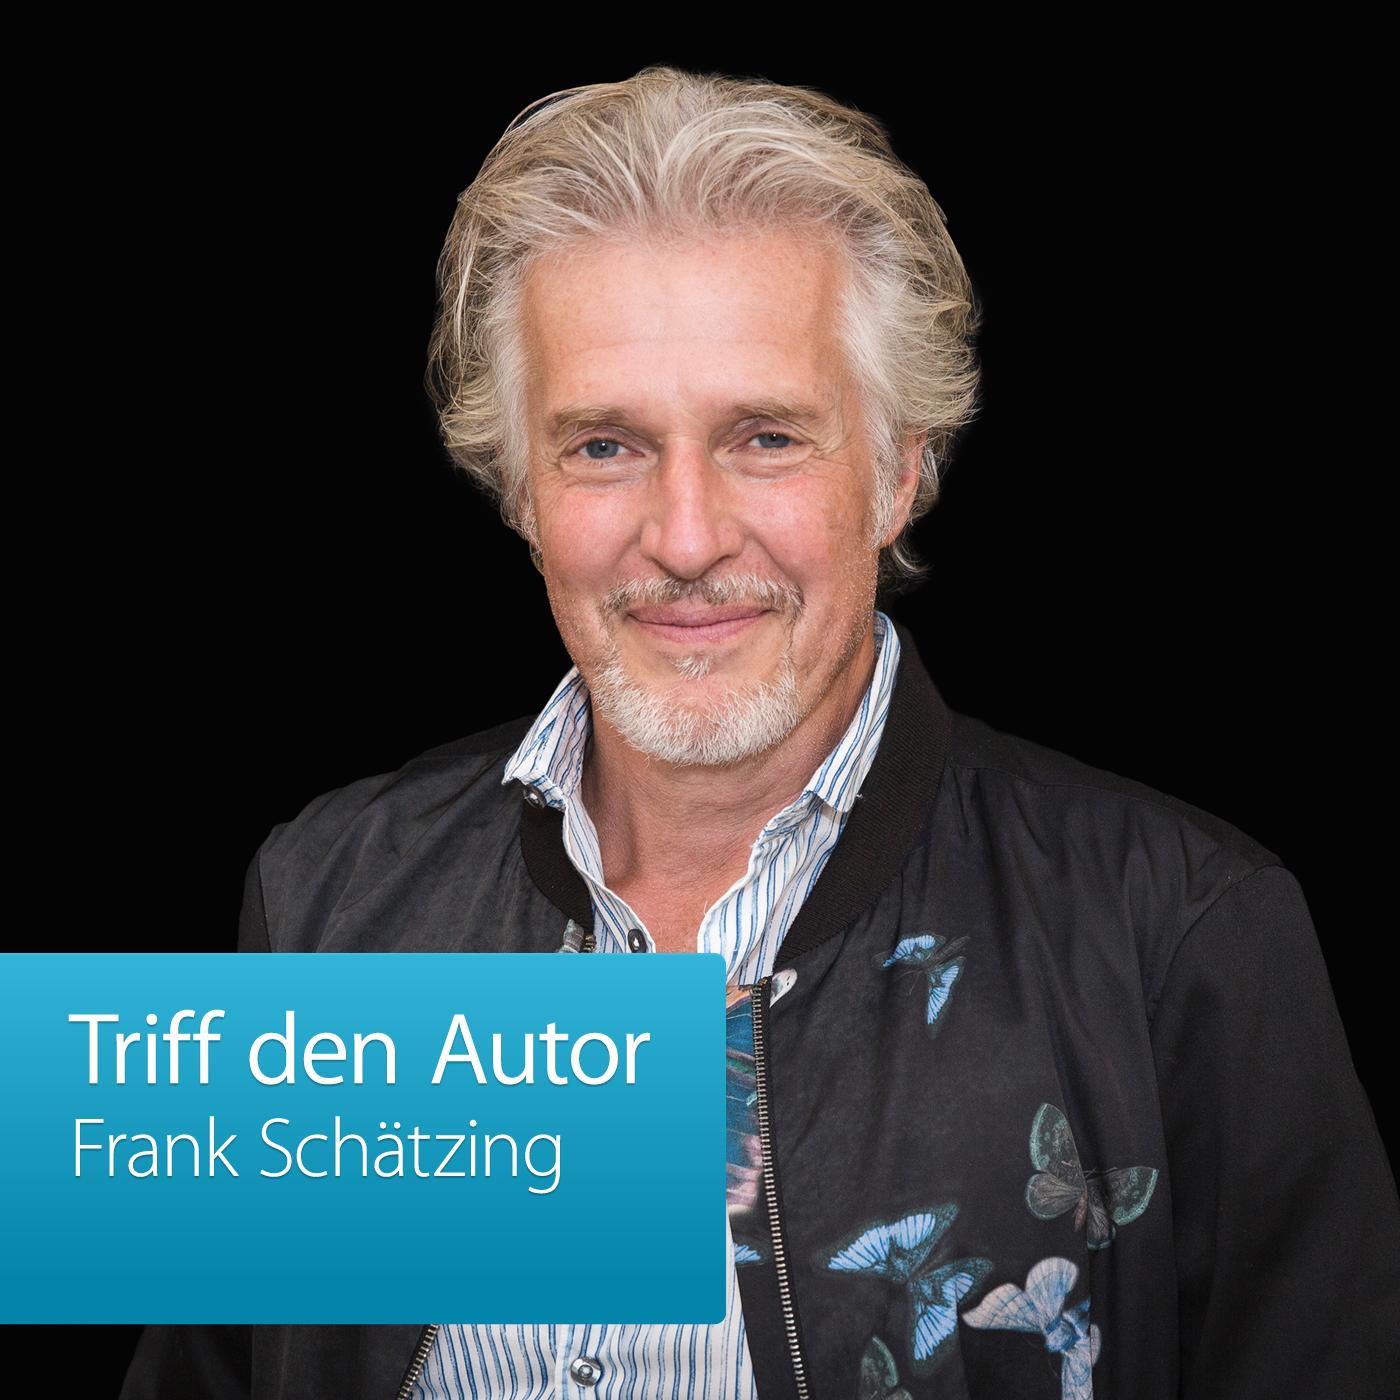 Frank Schätzing: Triff den Autor